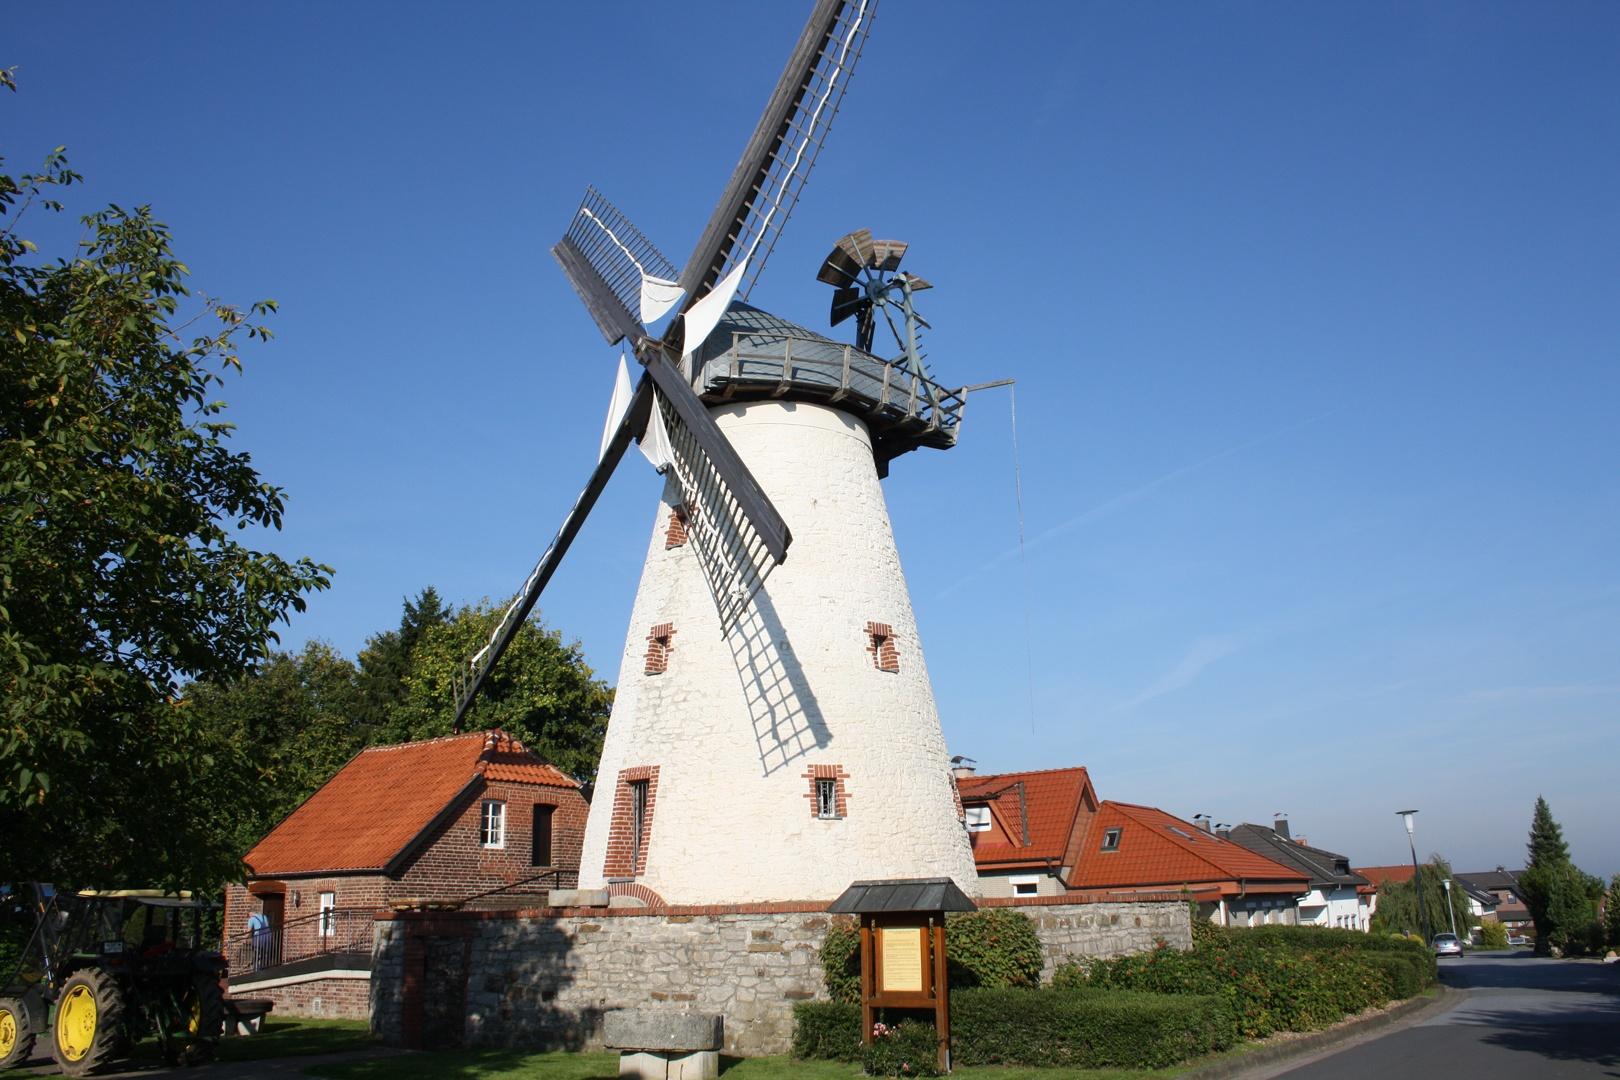 Die Windmühle Diekmann auf dem Gehlenbrink